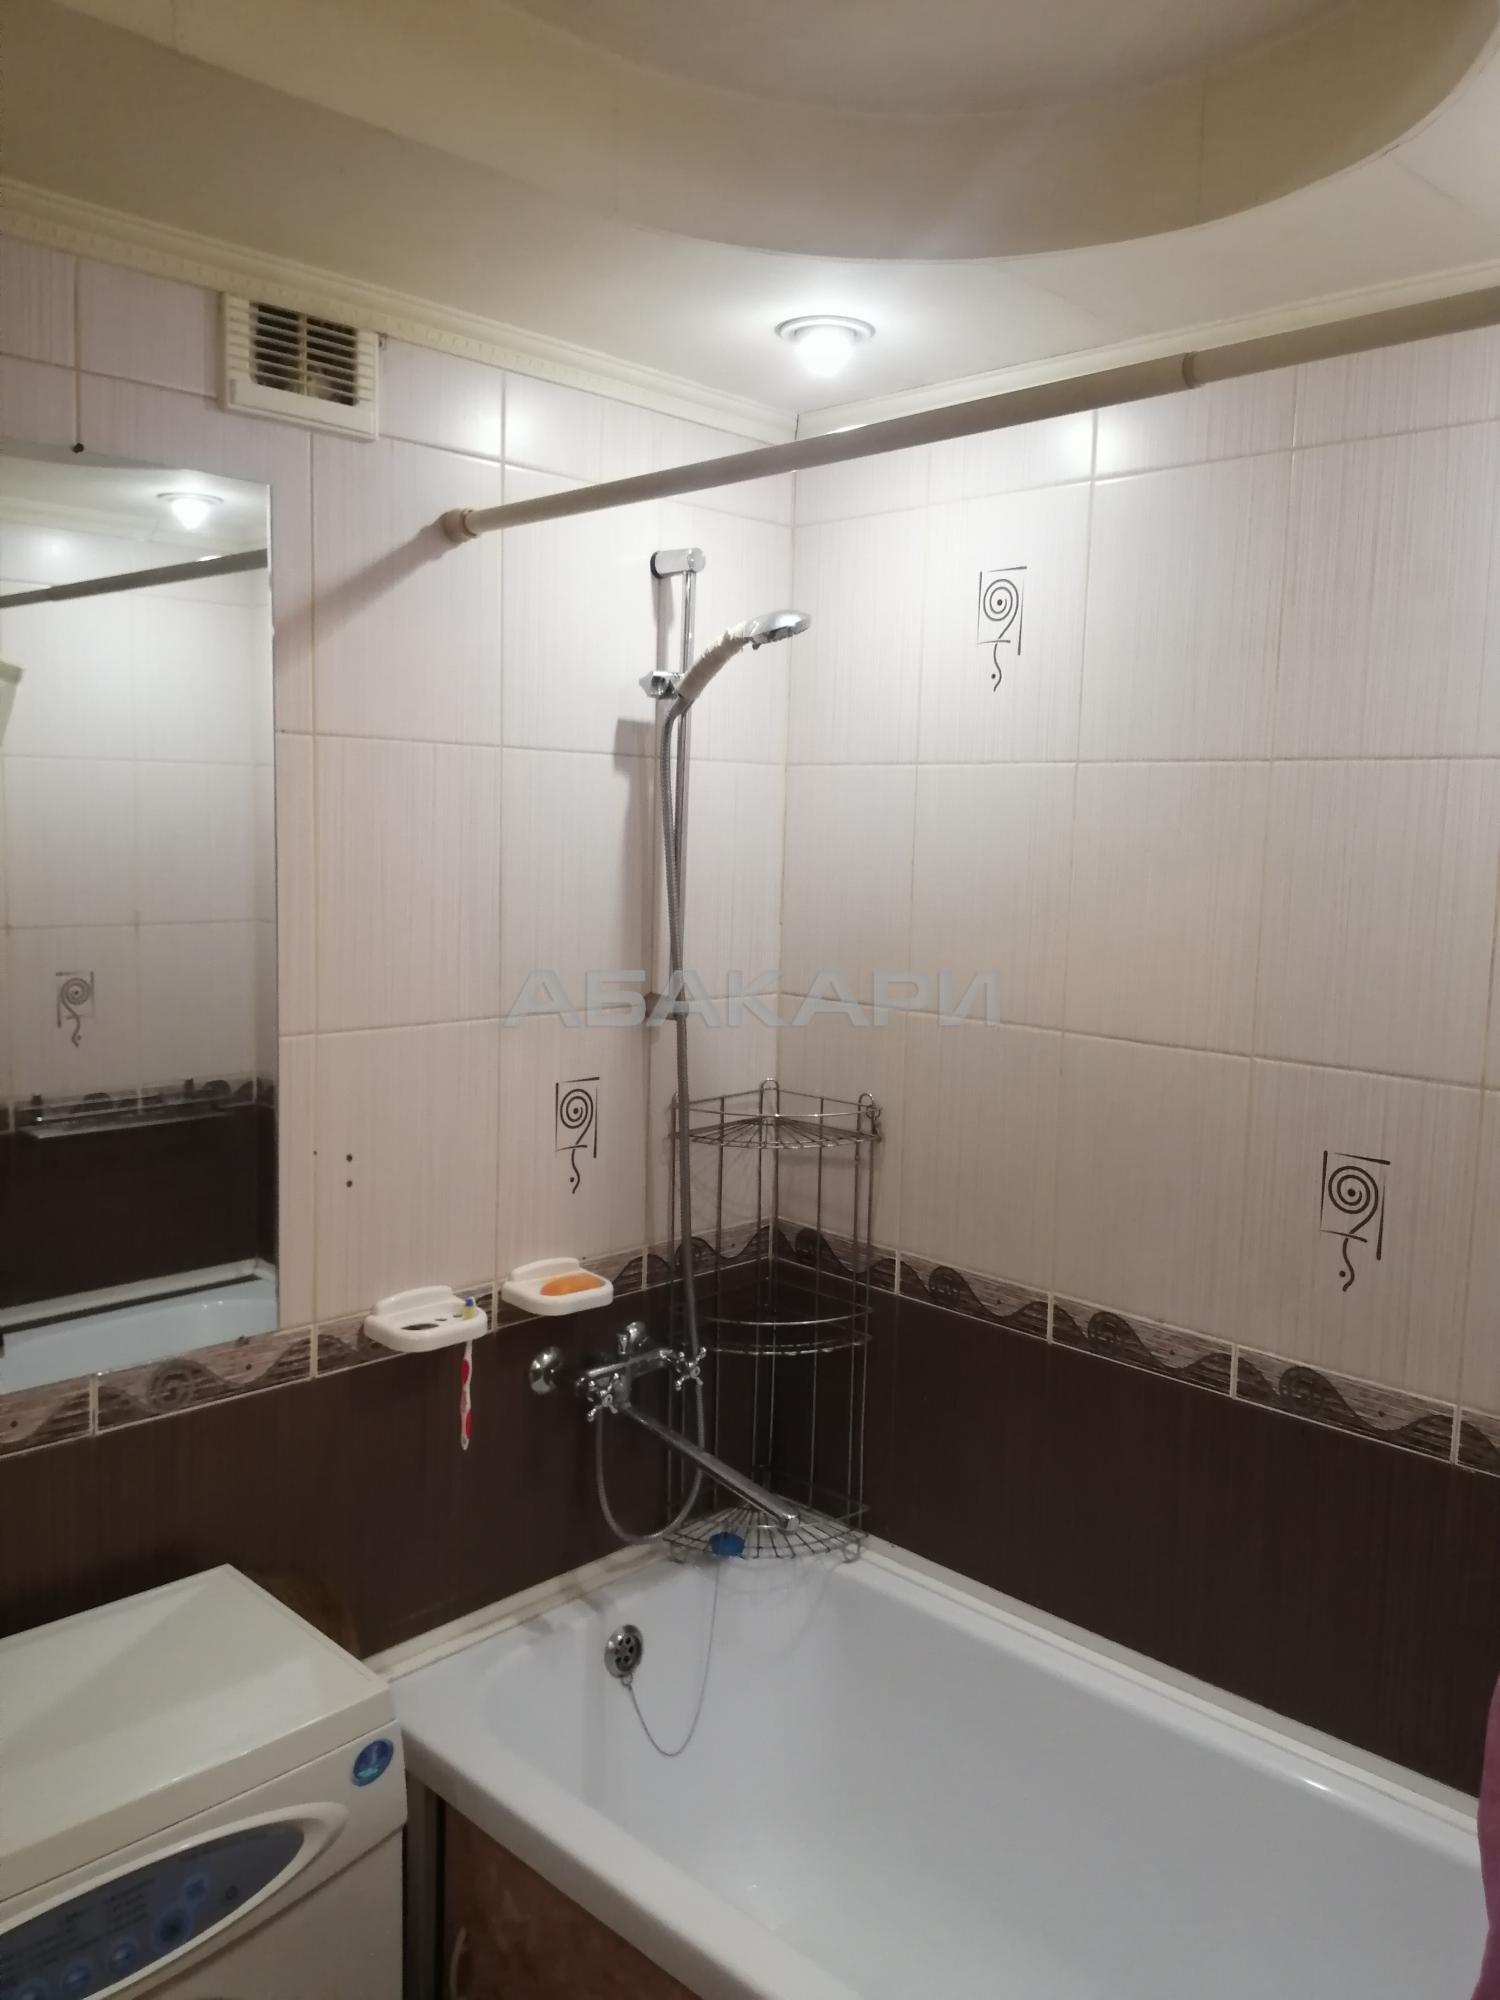 1к квартира улица Корнеева, 48 | 15000 | аренда в Красноярске фото 9